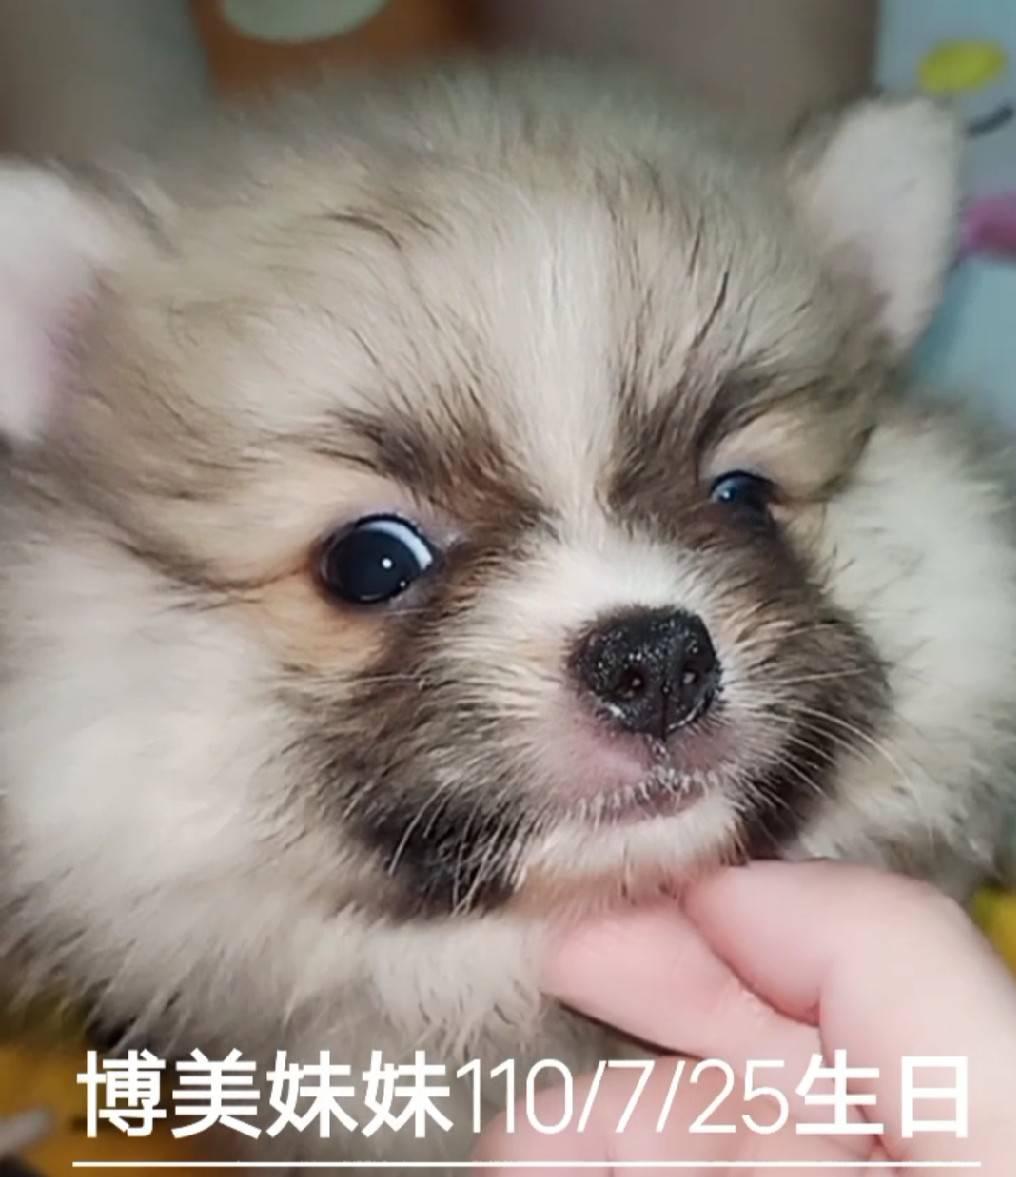 旺旺谷犬舍/博美妹妹